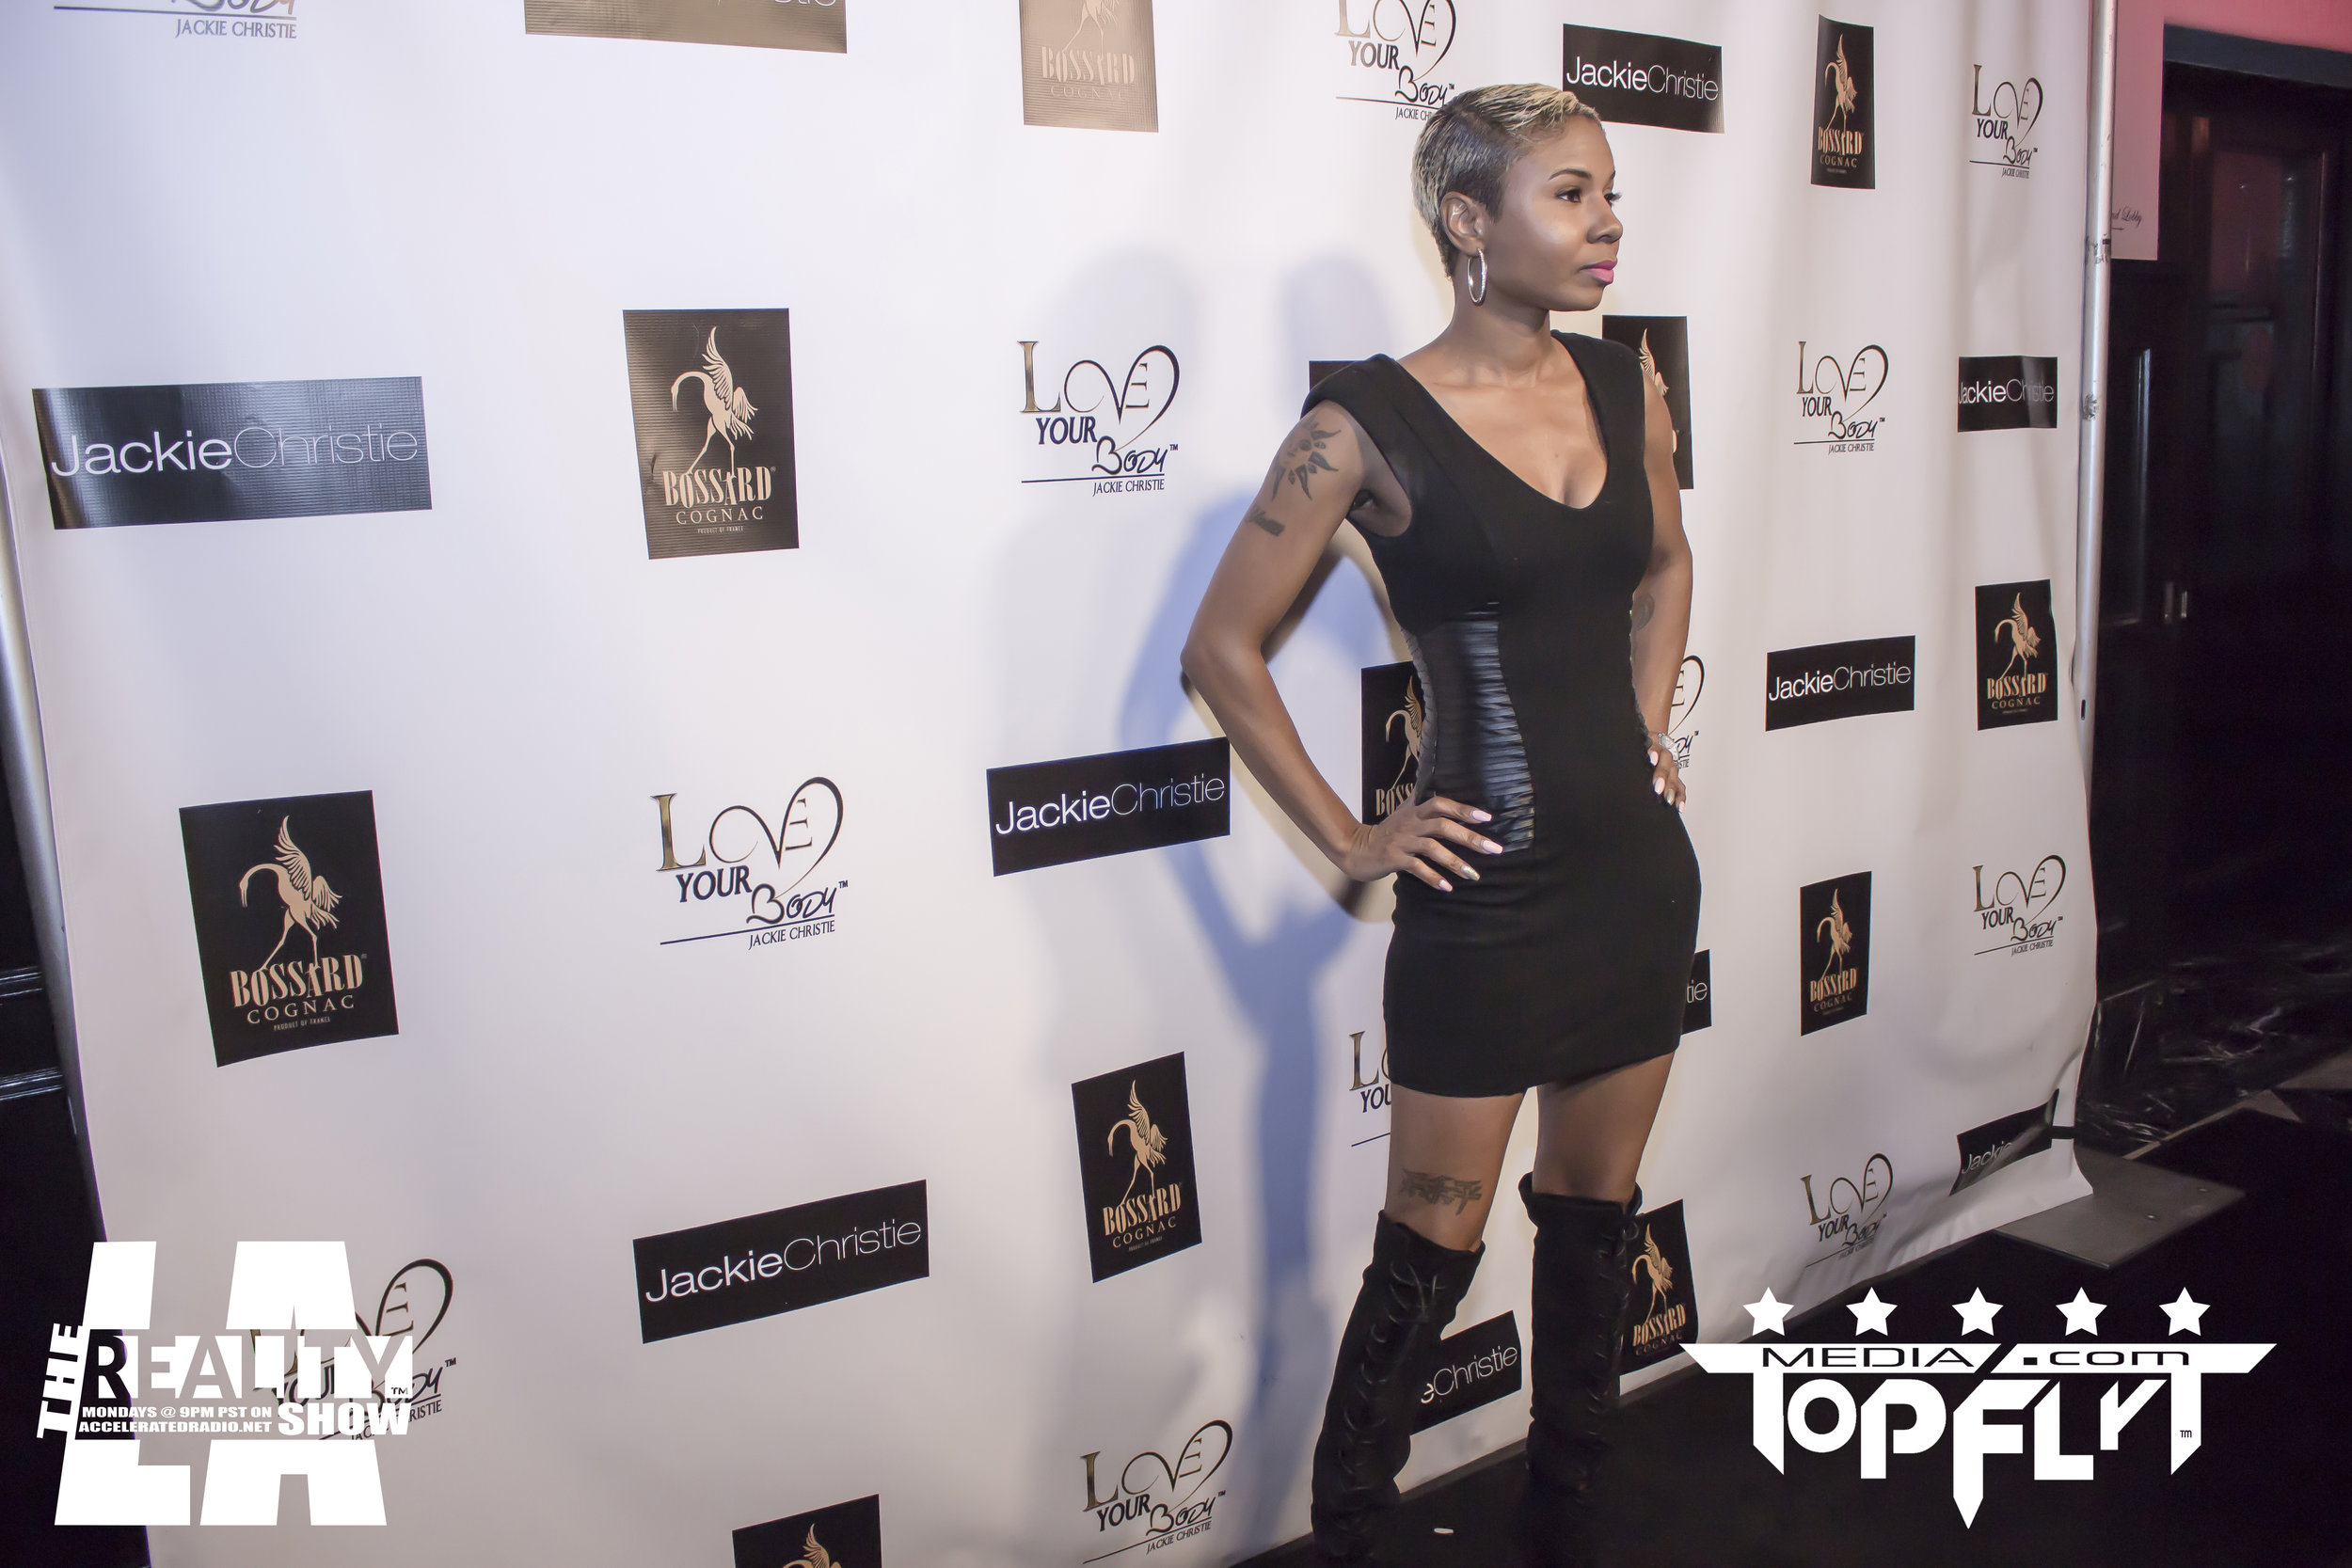 The Reality Show LA - Jackie Christie_39.jpg